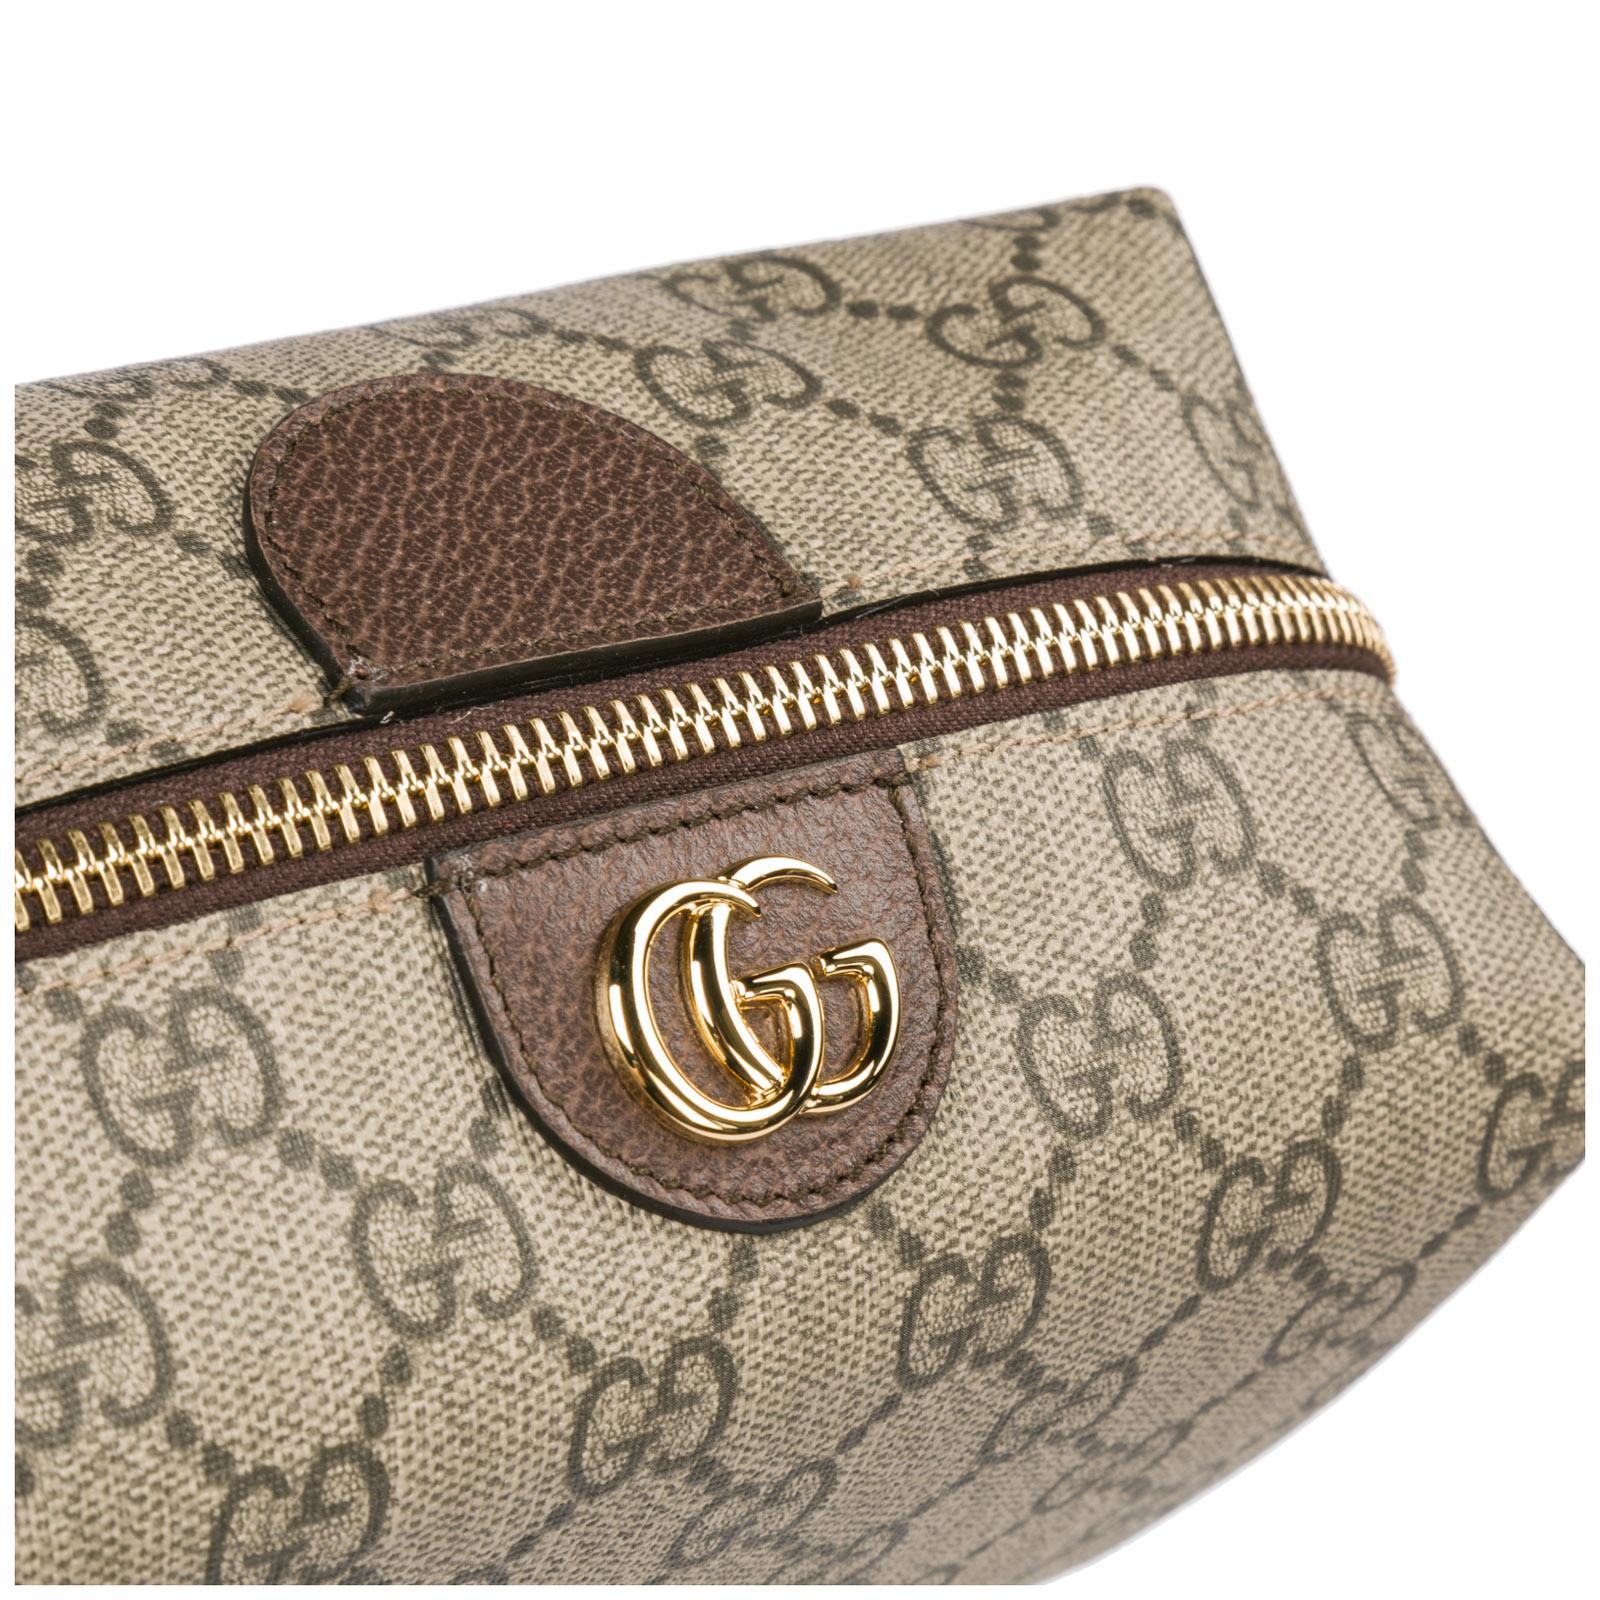 ee5664f2c7e9c1 ... ab0a8ec9f58 Beauty case Gucci Ophidia 548393 K5I5G 8358 marrone ...